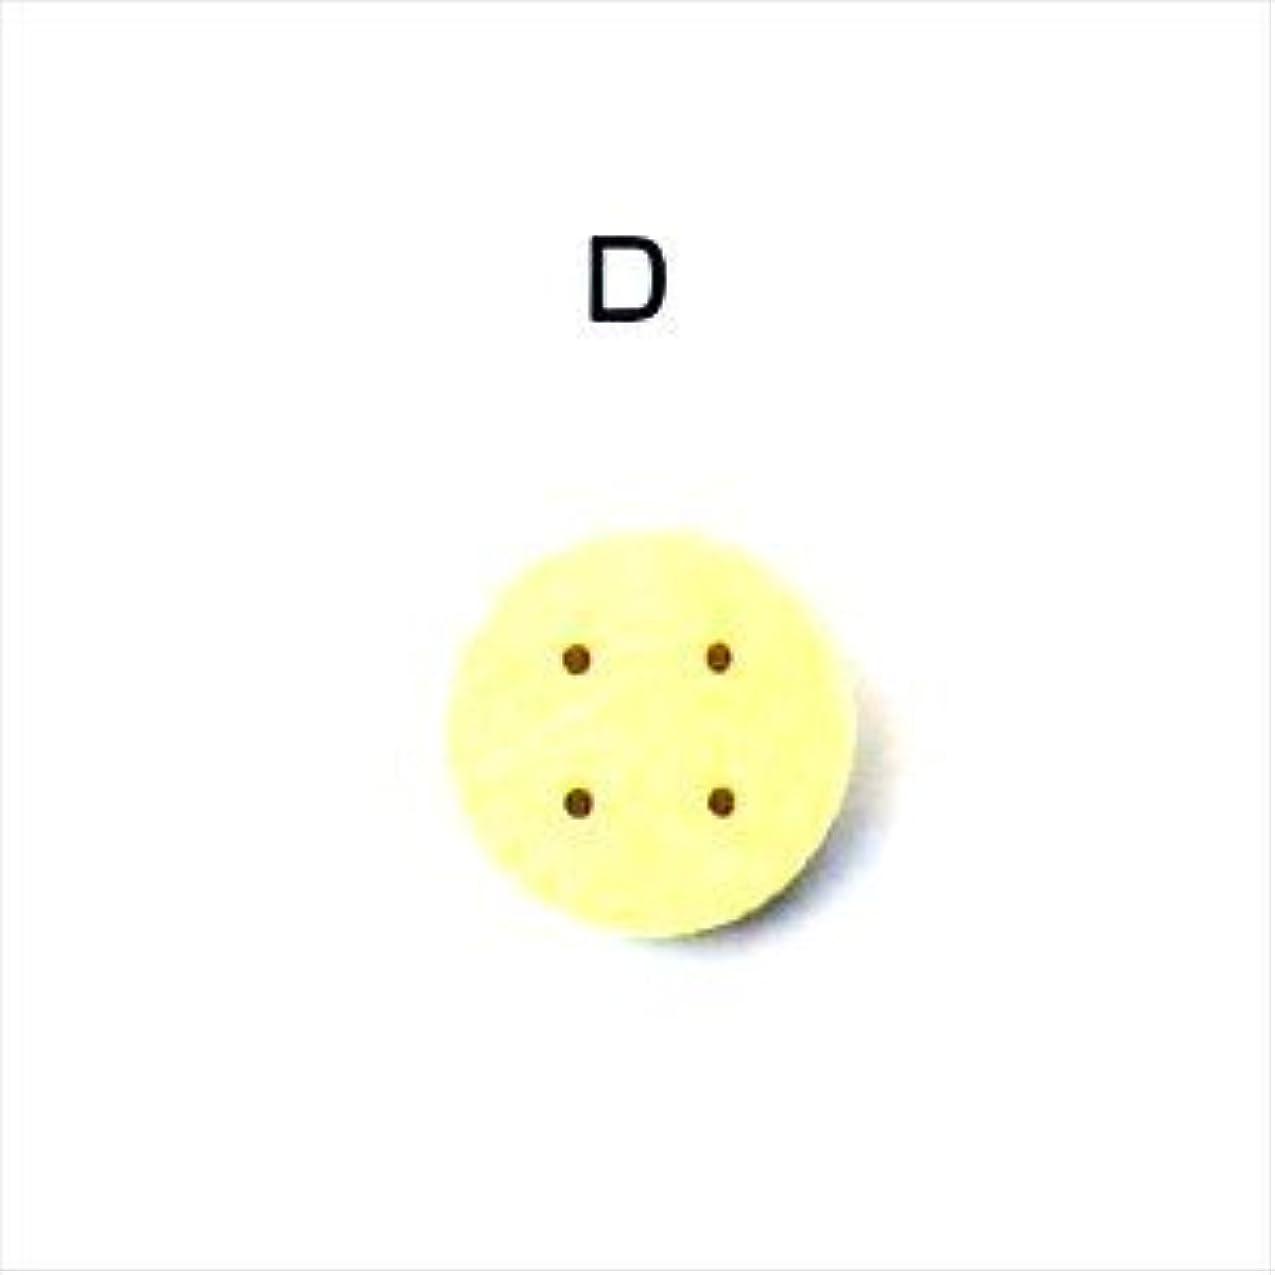 ナサニエル区同級生本部【メディカルブック】1.丸型 R-D スポンジ 4個入(SE-451D) - 干渉波?吸引用